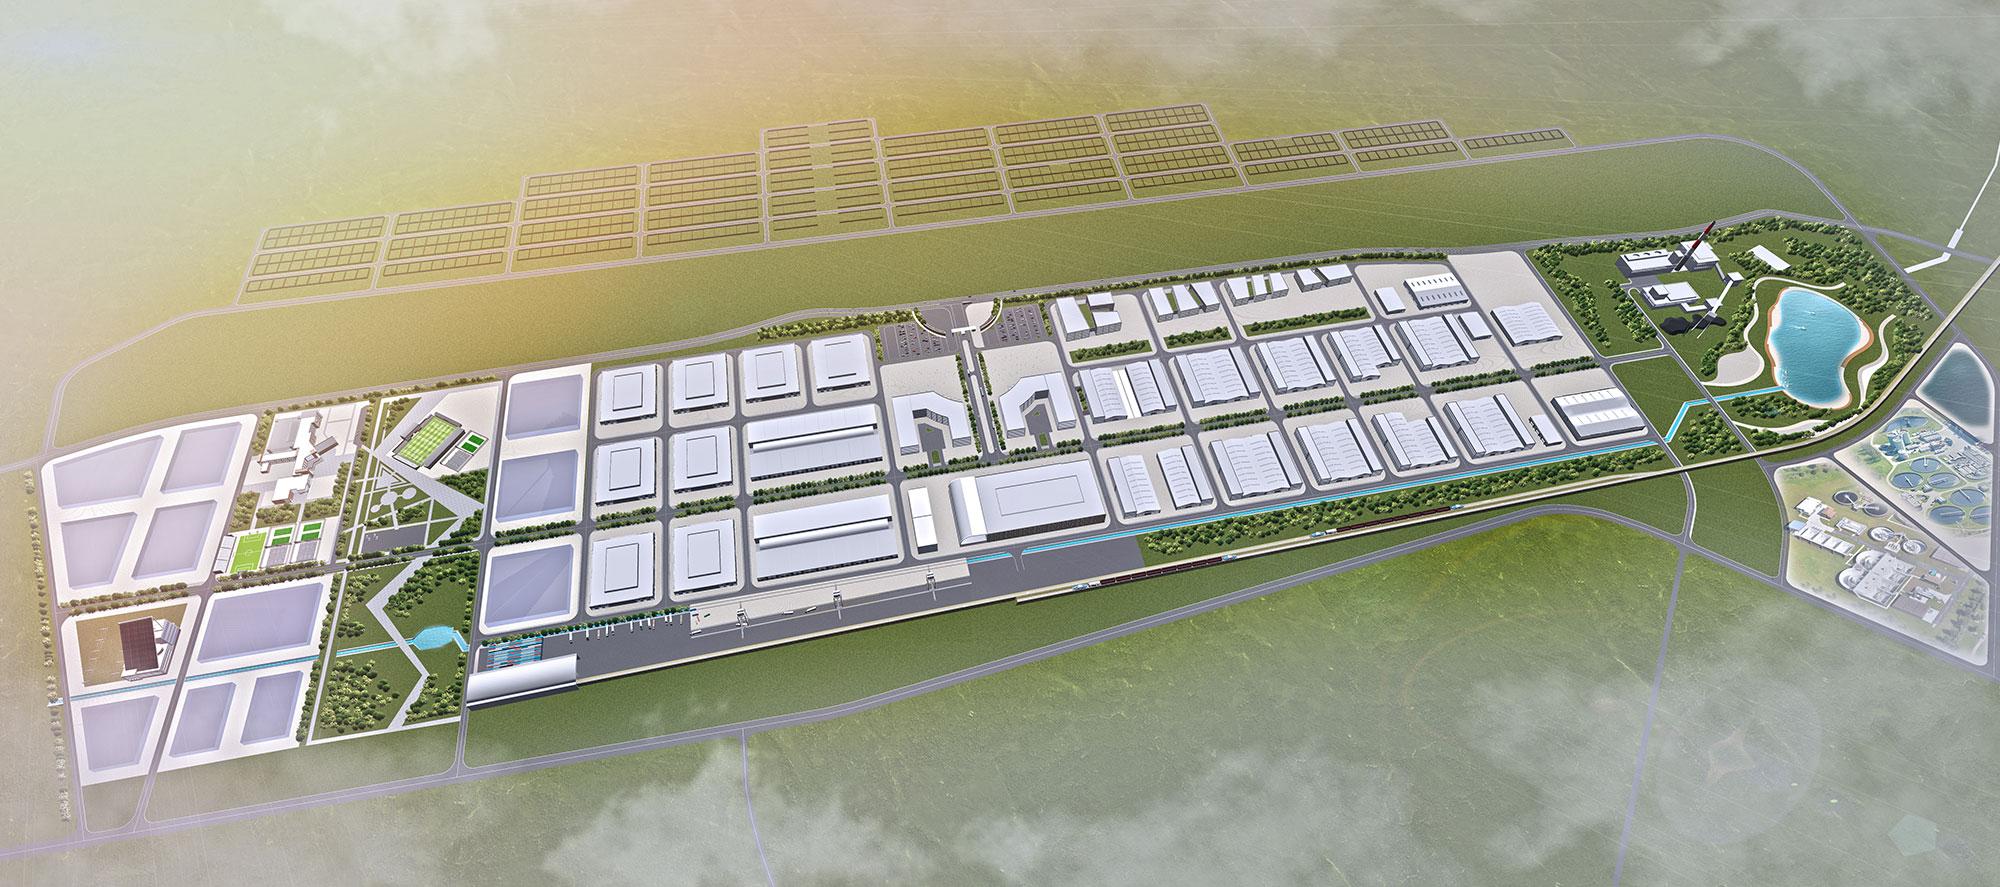 Эмээлтийн хөнгөн үйлдвэрийн үйлдвэрлэл, технологийн паркийн хэсэгчилсэн ерөнхий төлөвлөгөө